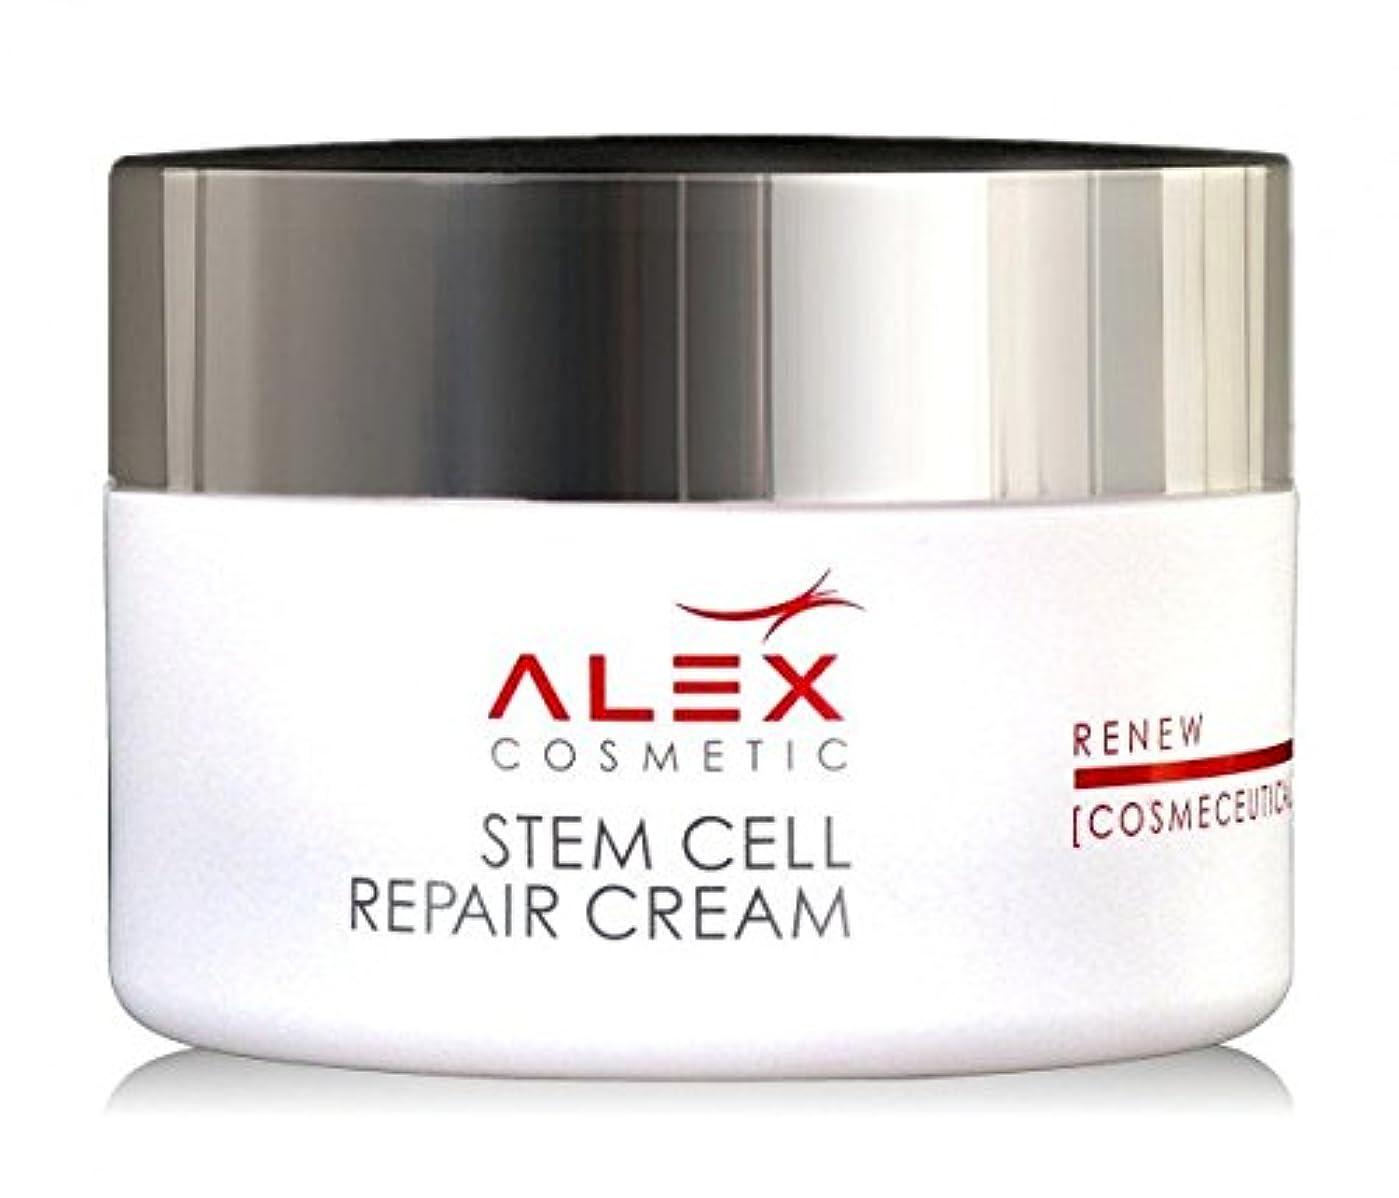 動詞献身泣き叫ぶALEX アレックス コスメ Stem Cell Repair Cream ステム セル リペア クリーム 50ml 【並行輸入品】